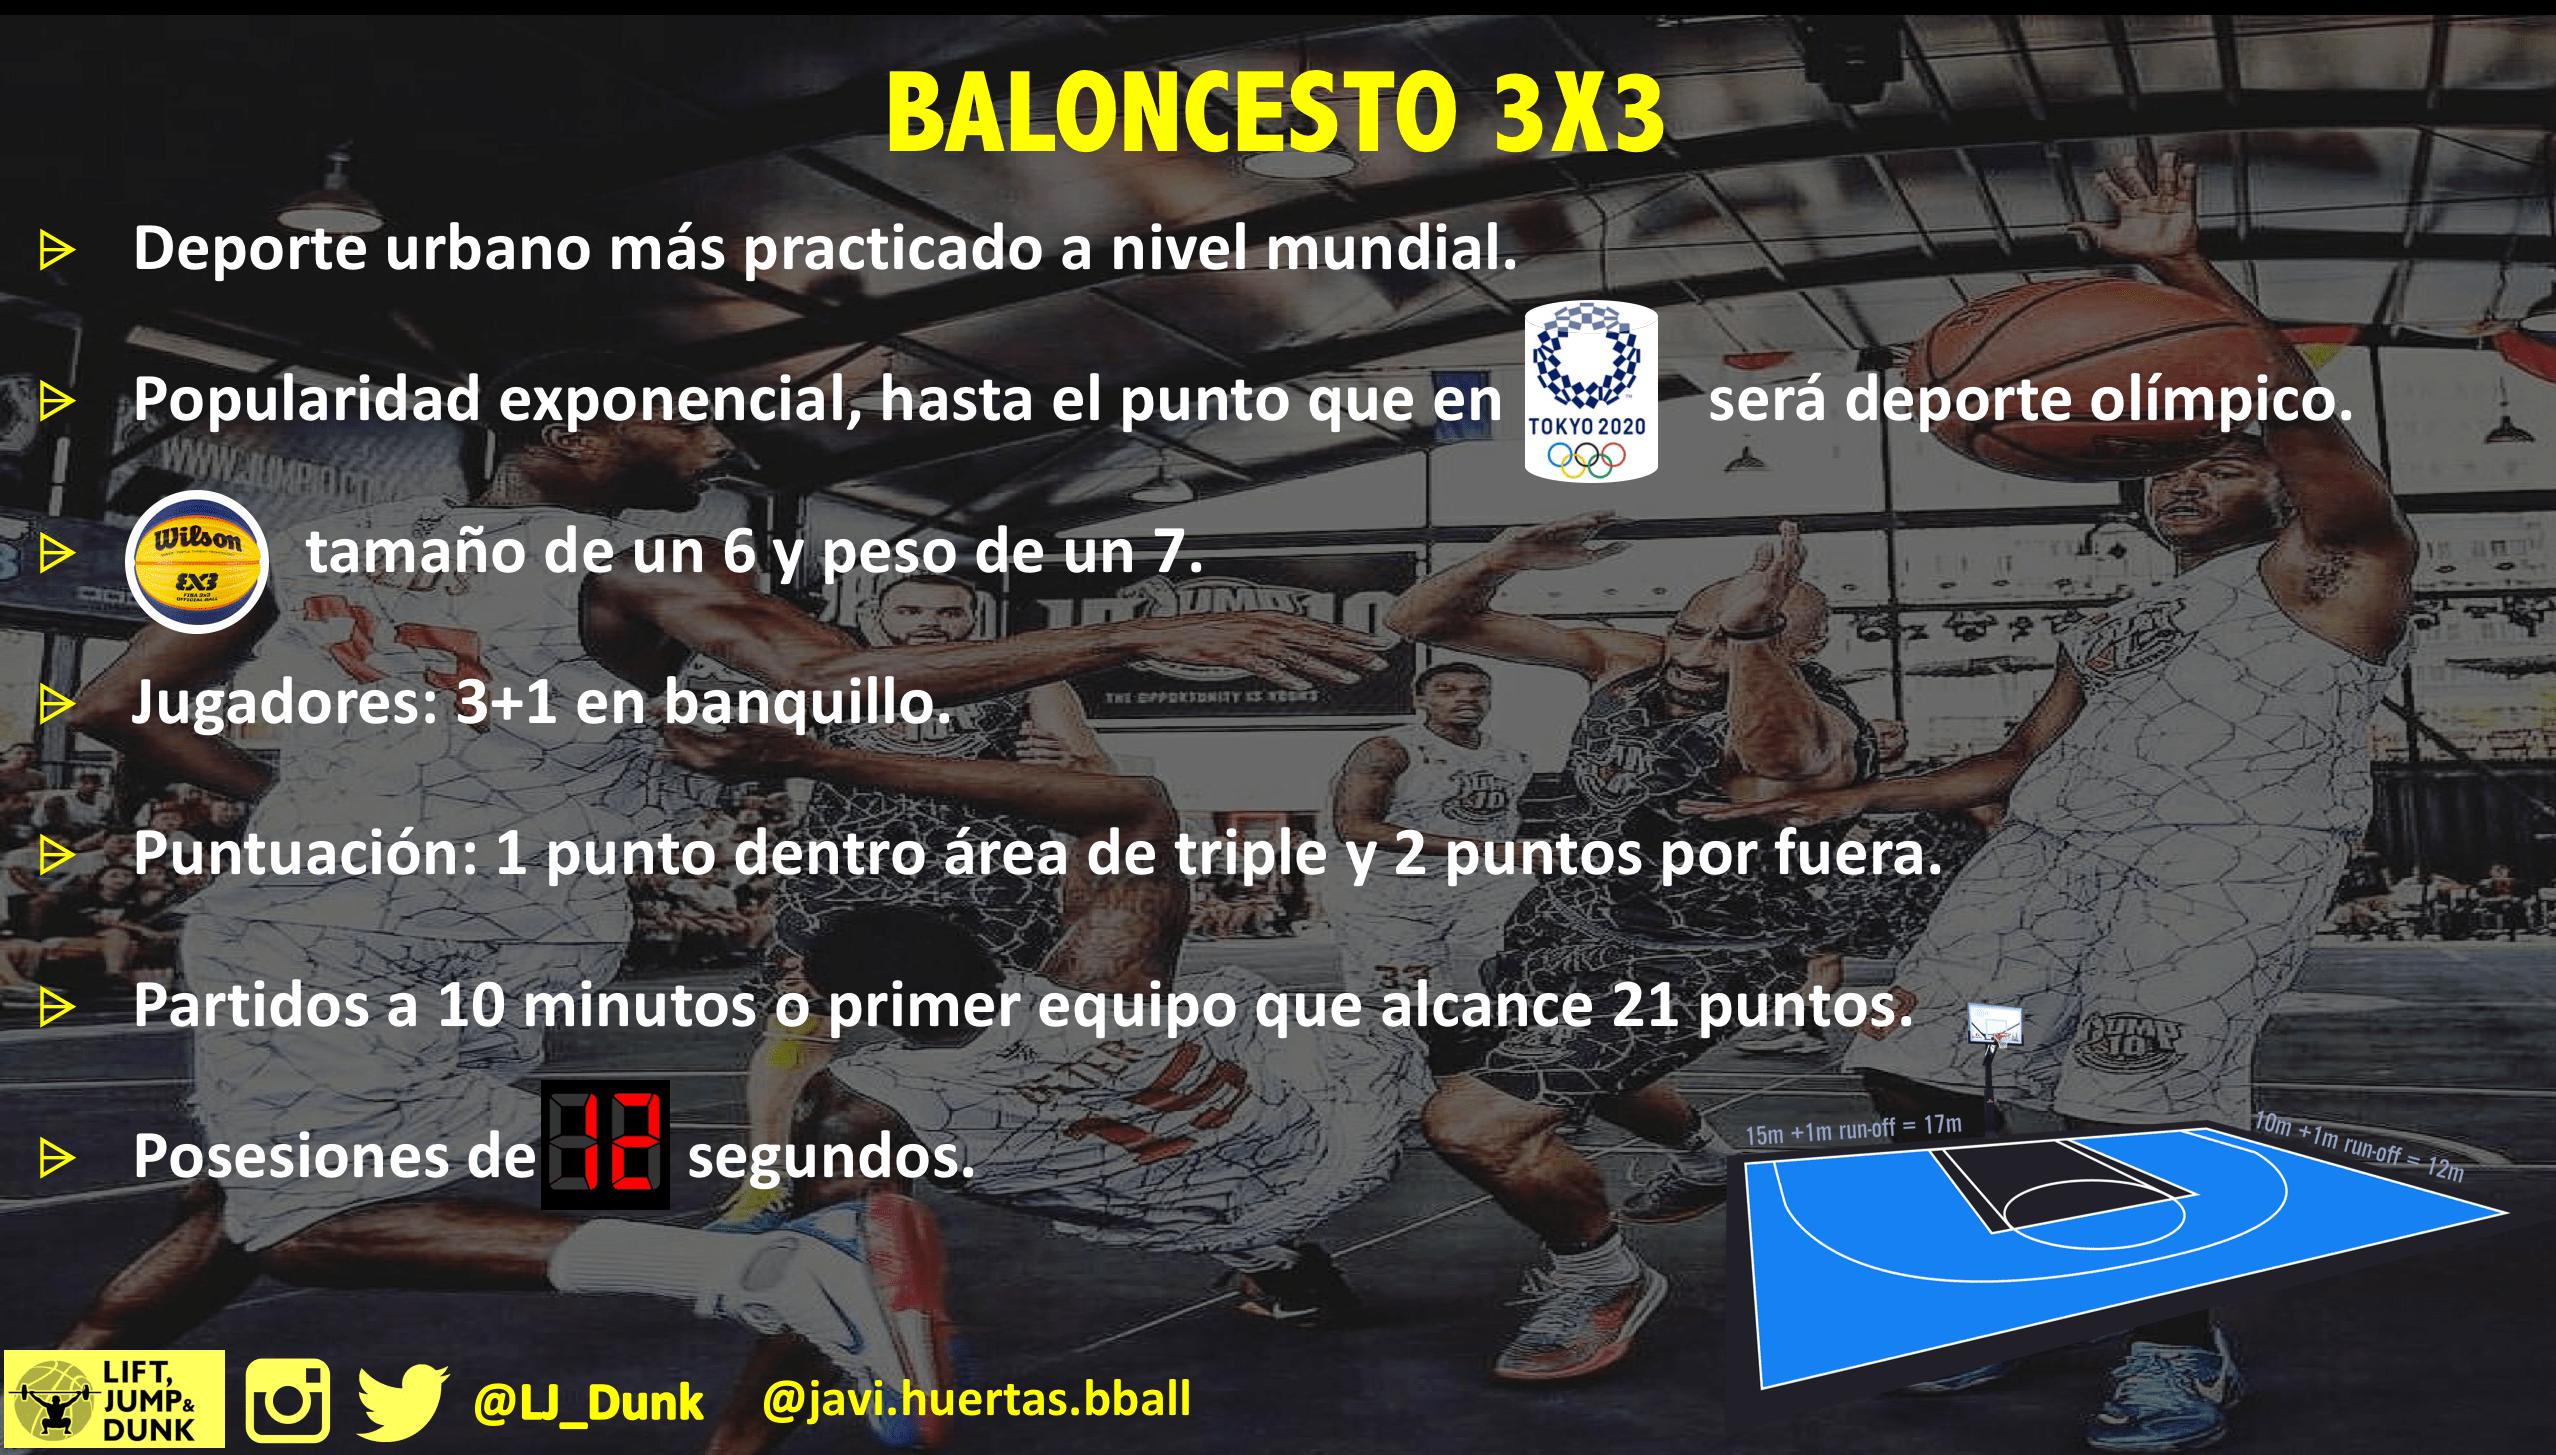 Resumen Reglas Baloncesto 3X3